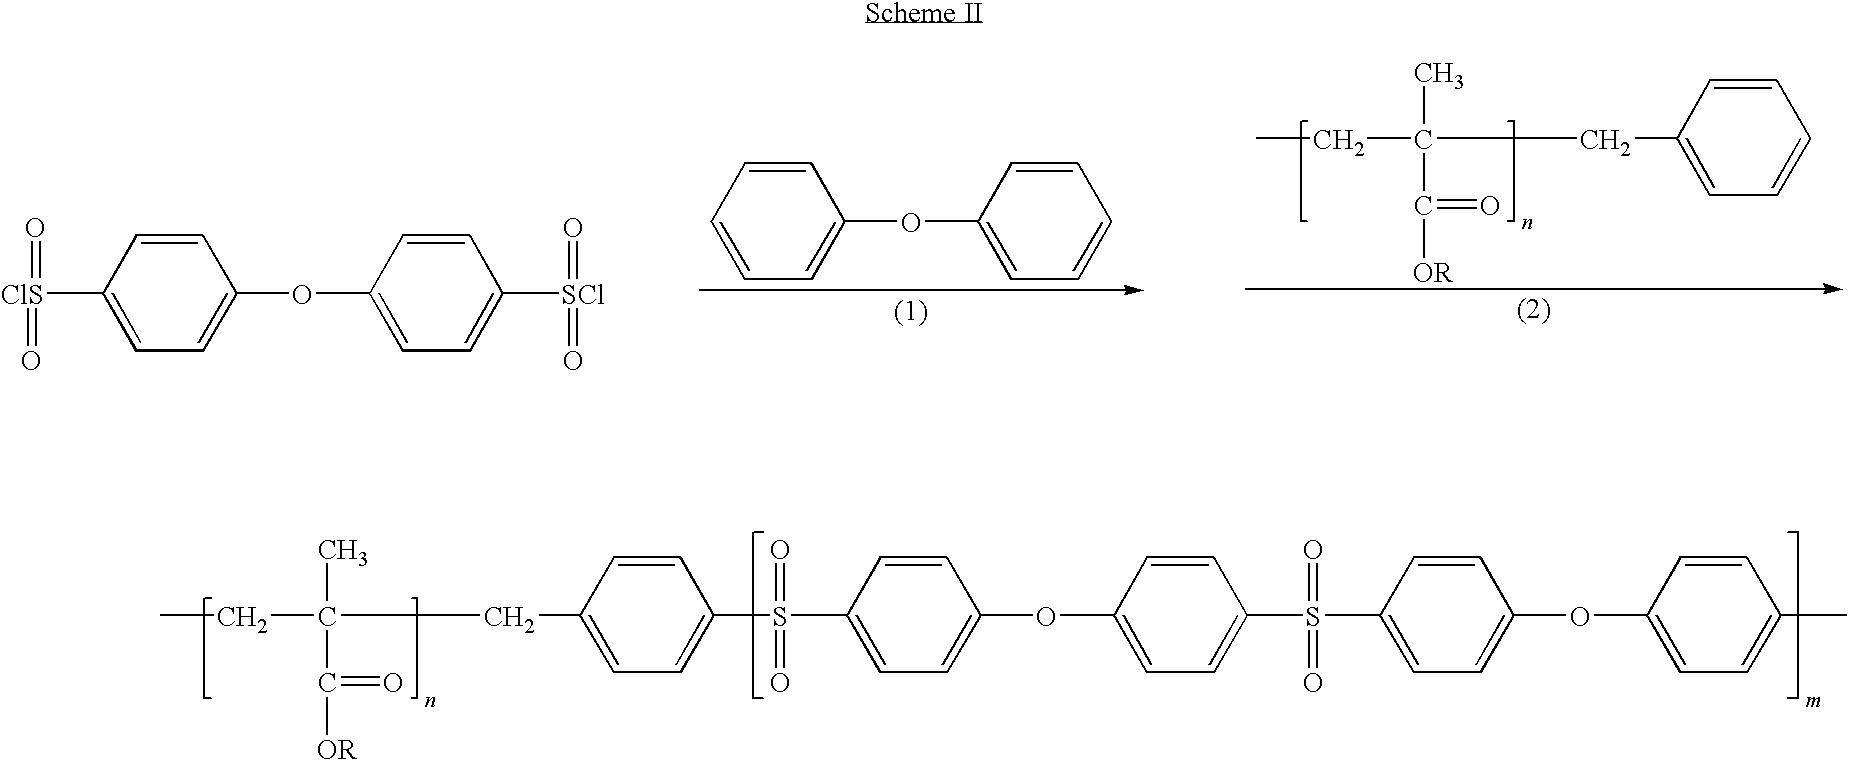 Figure US20090238856A1-20090924-C00005